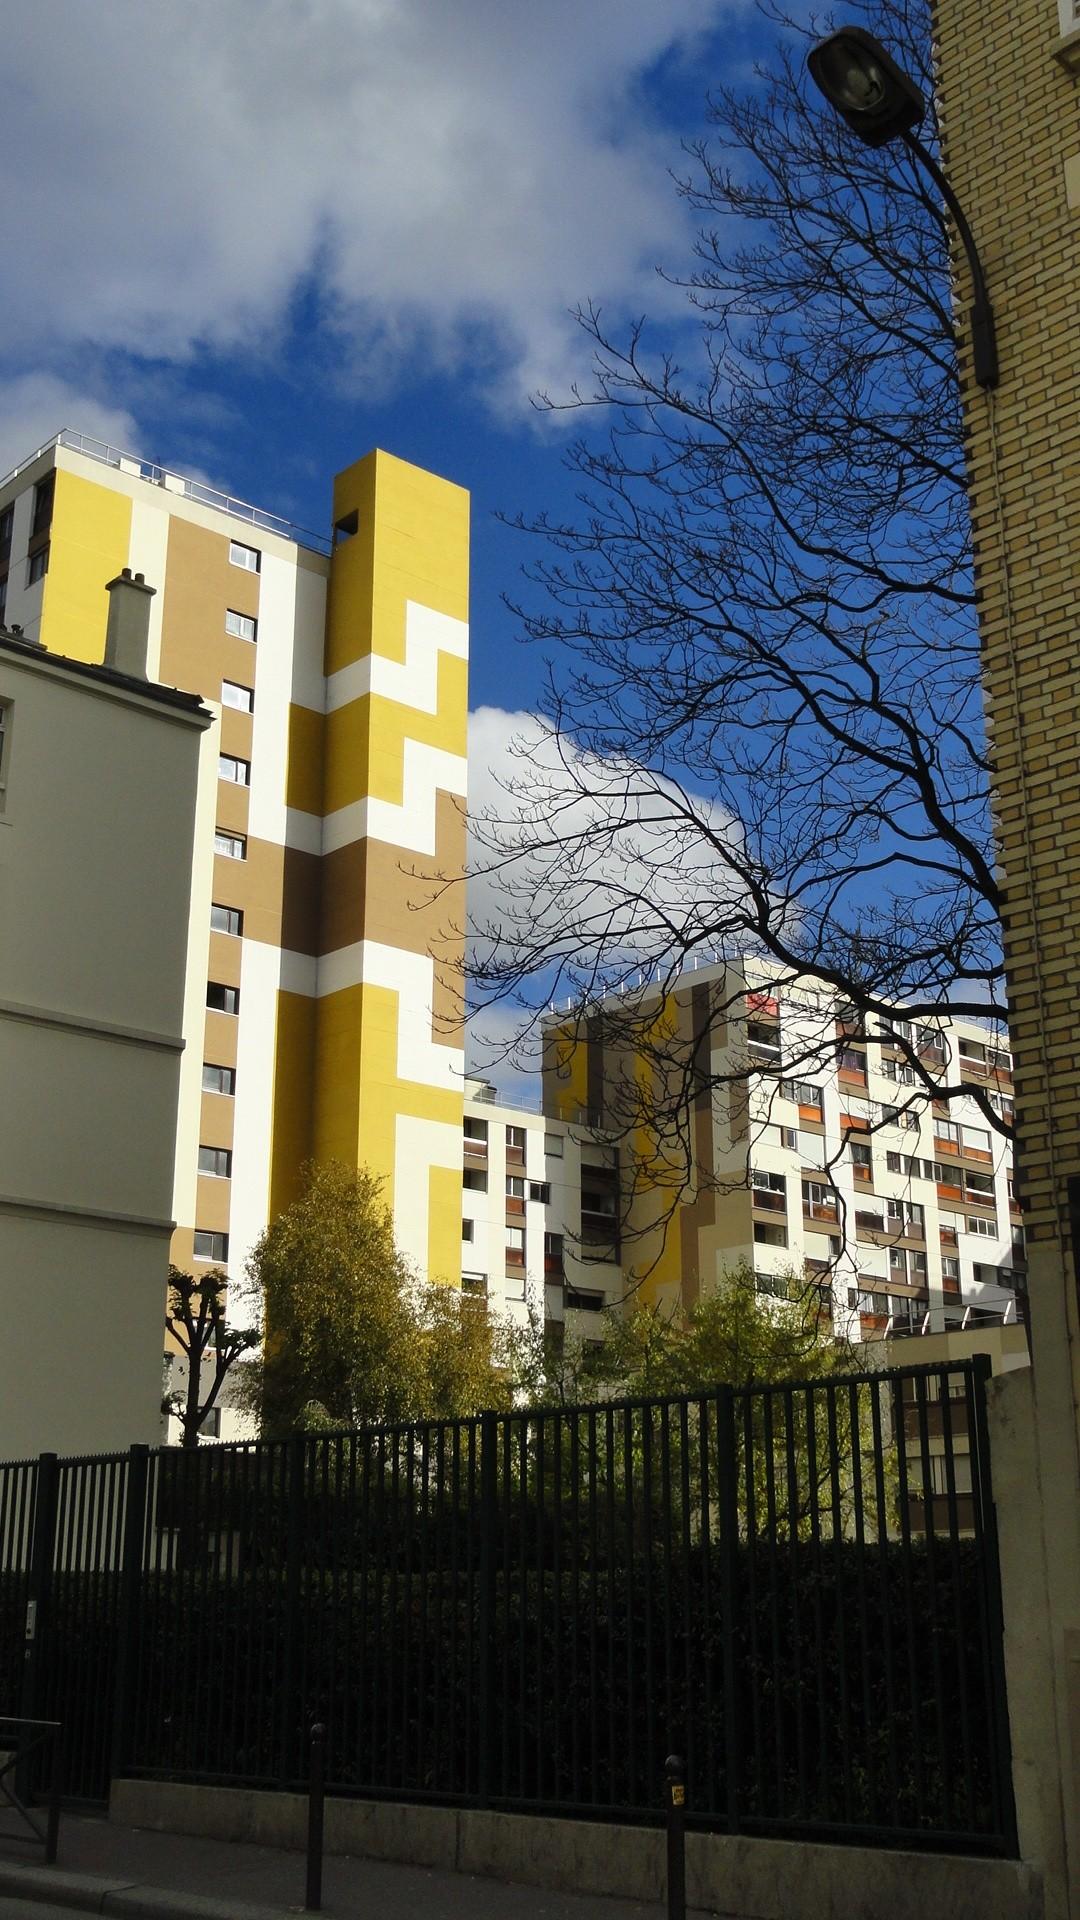 Rue de Bagnolet - Vue sur un immeuble coloré